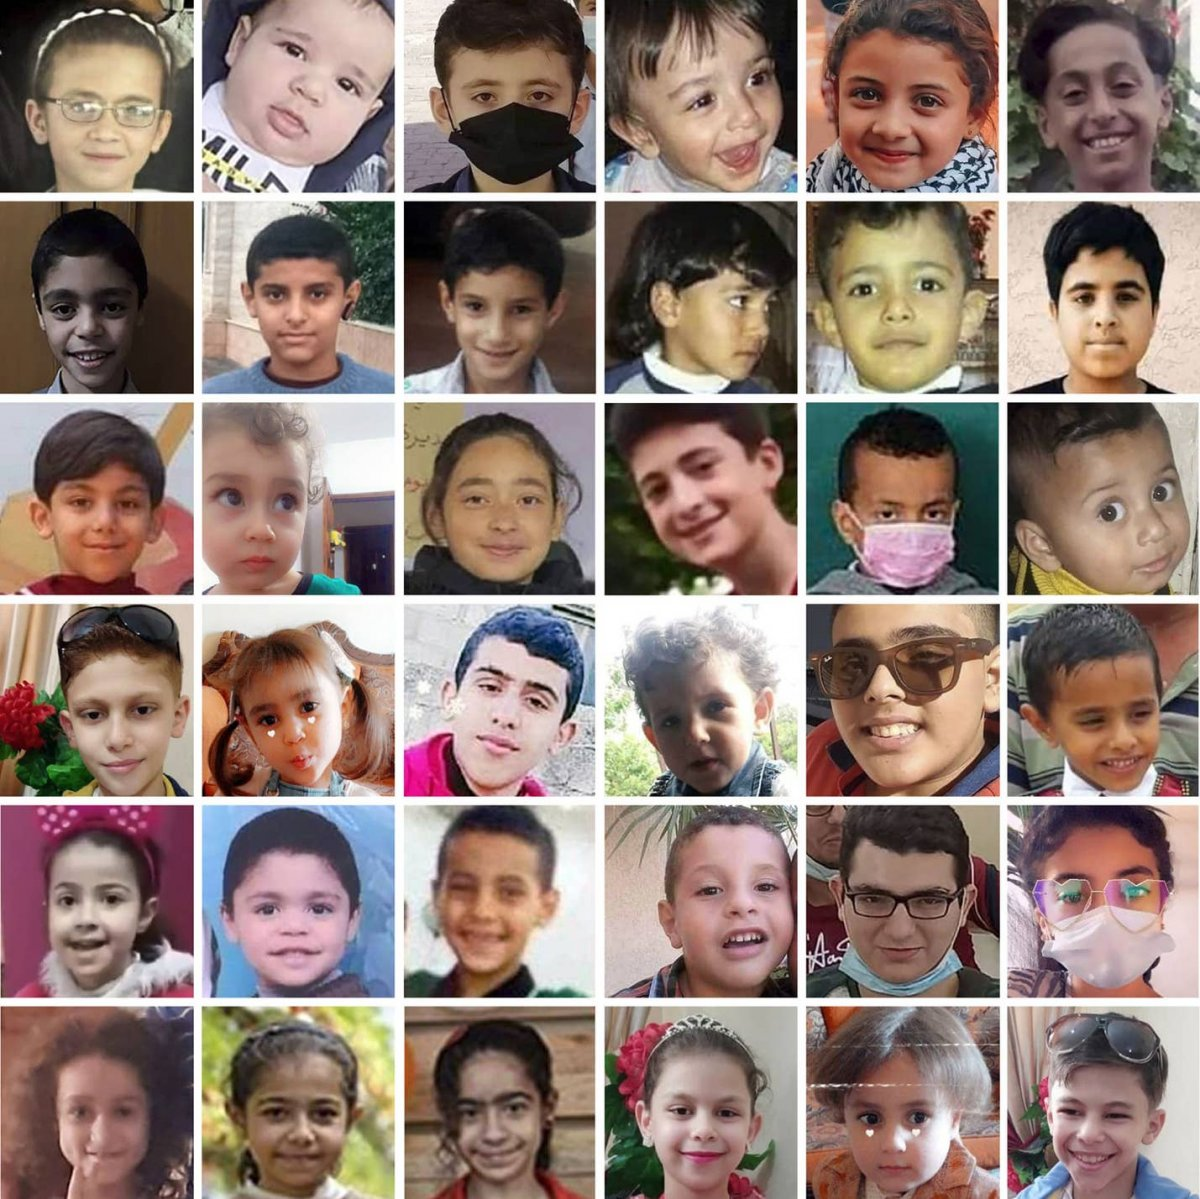 Haaretz, İsrail in öldürdüğü Gazzeli çocukların fotoğraflarını paylaştı #2